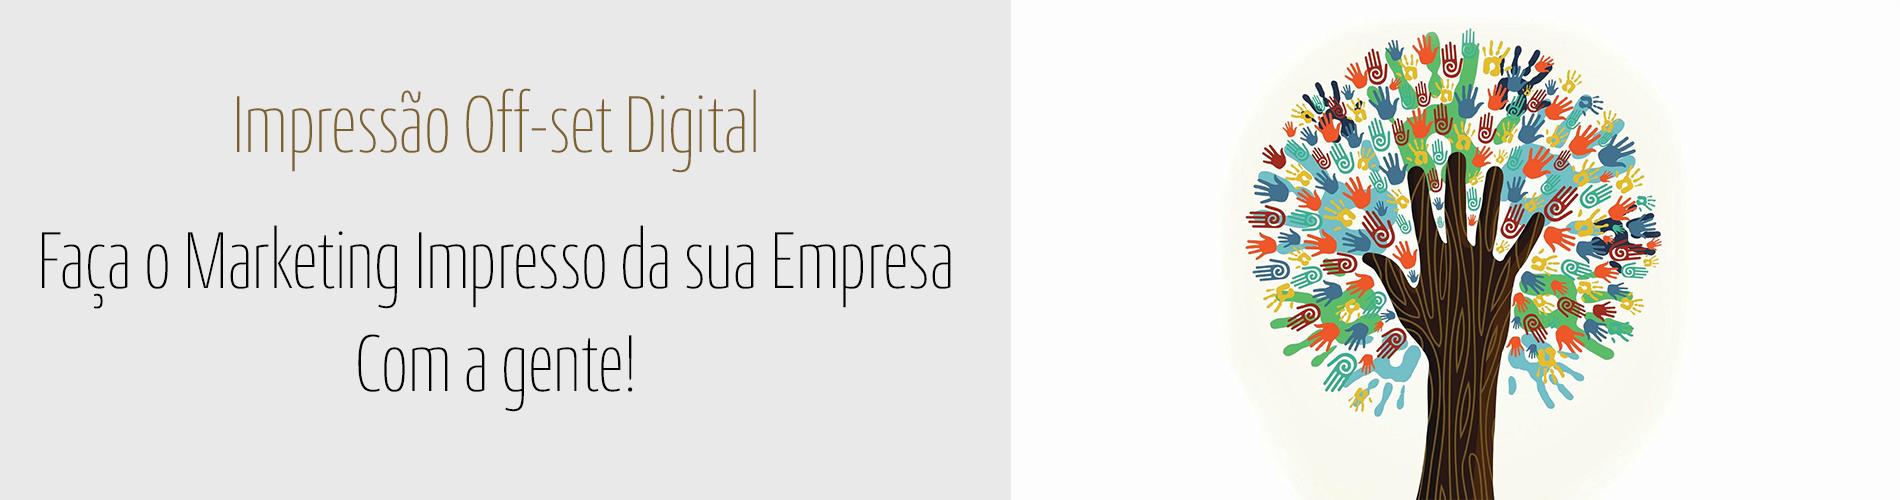 impressão offset e impressão digital